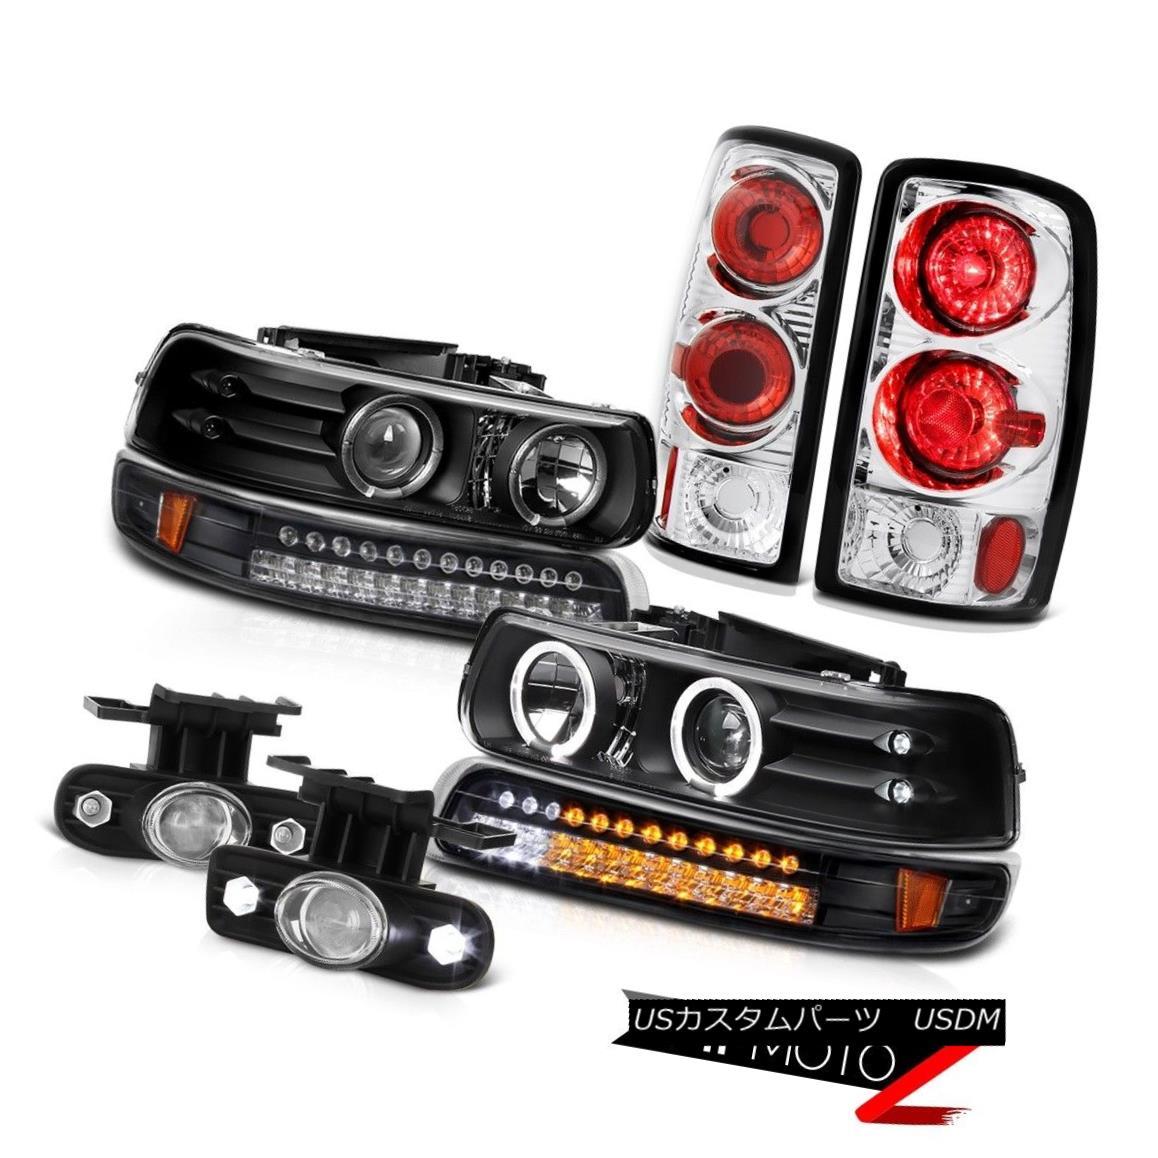 テールライト 00 01 02 03 04 05 06 Suburban 5.7L Headlight LED Brake Tail Lights Projector Fog 00 01 02 03 04 05 06郊外5.7LヘッドライトLEDブレーキテールライトプロジェクターフォグ